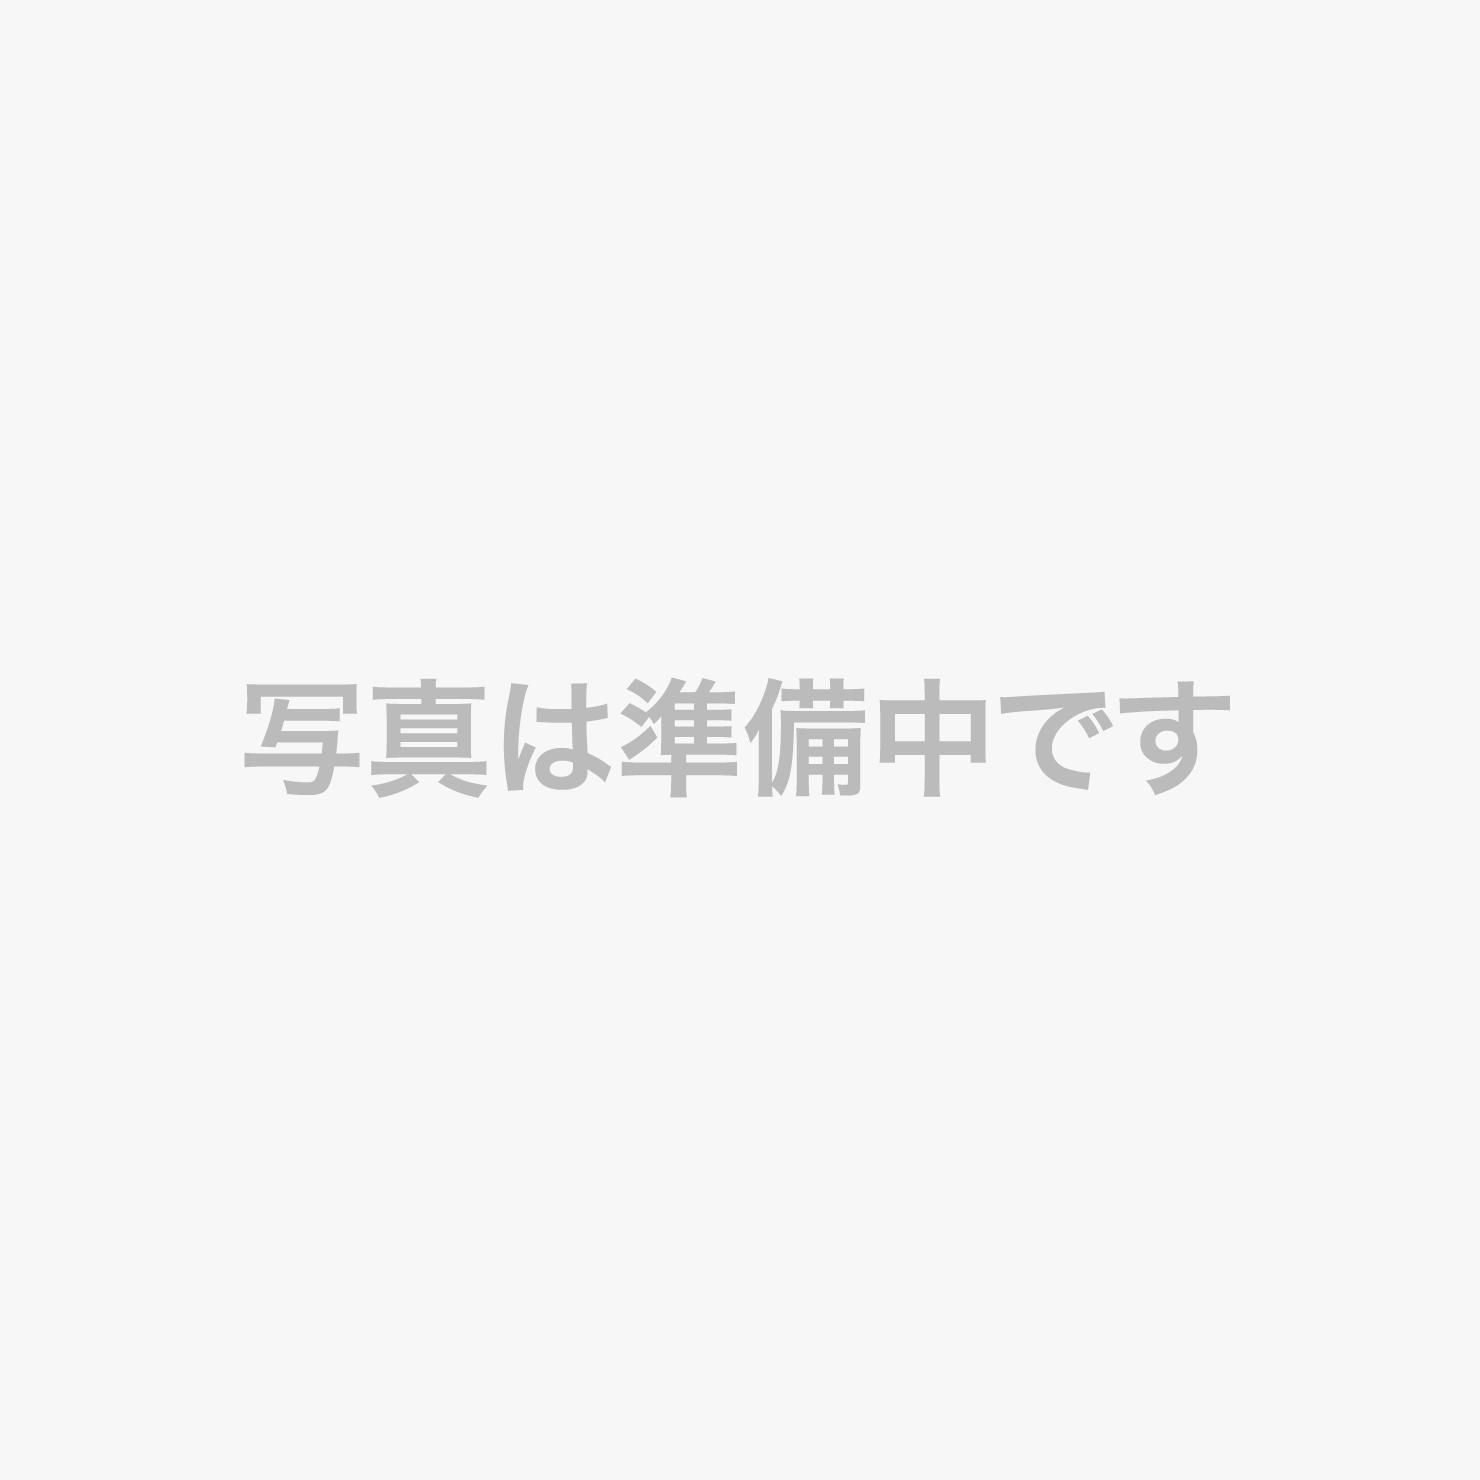 中国料理「四川」クリスマスディナー(イメージ)